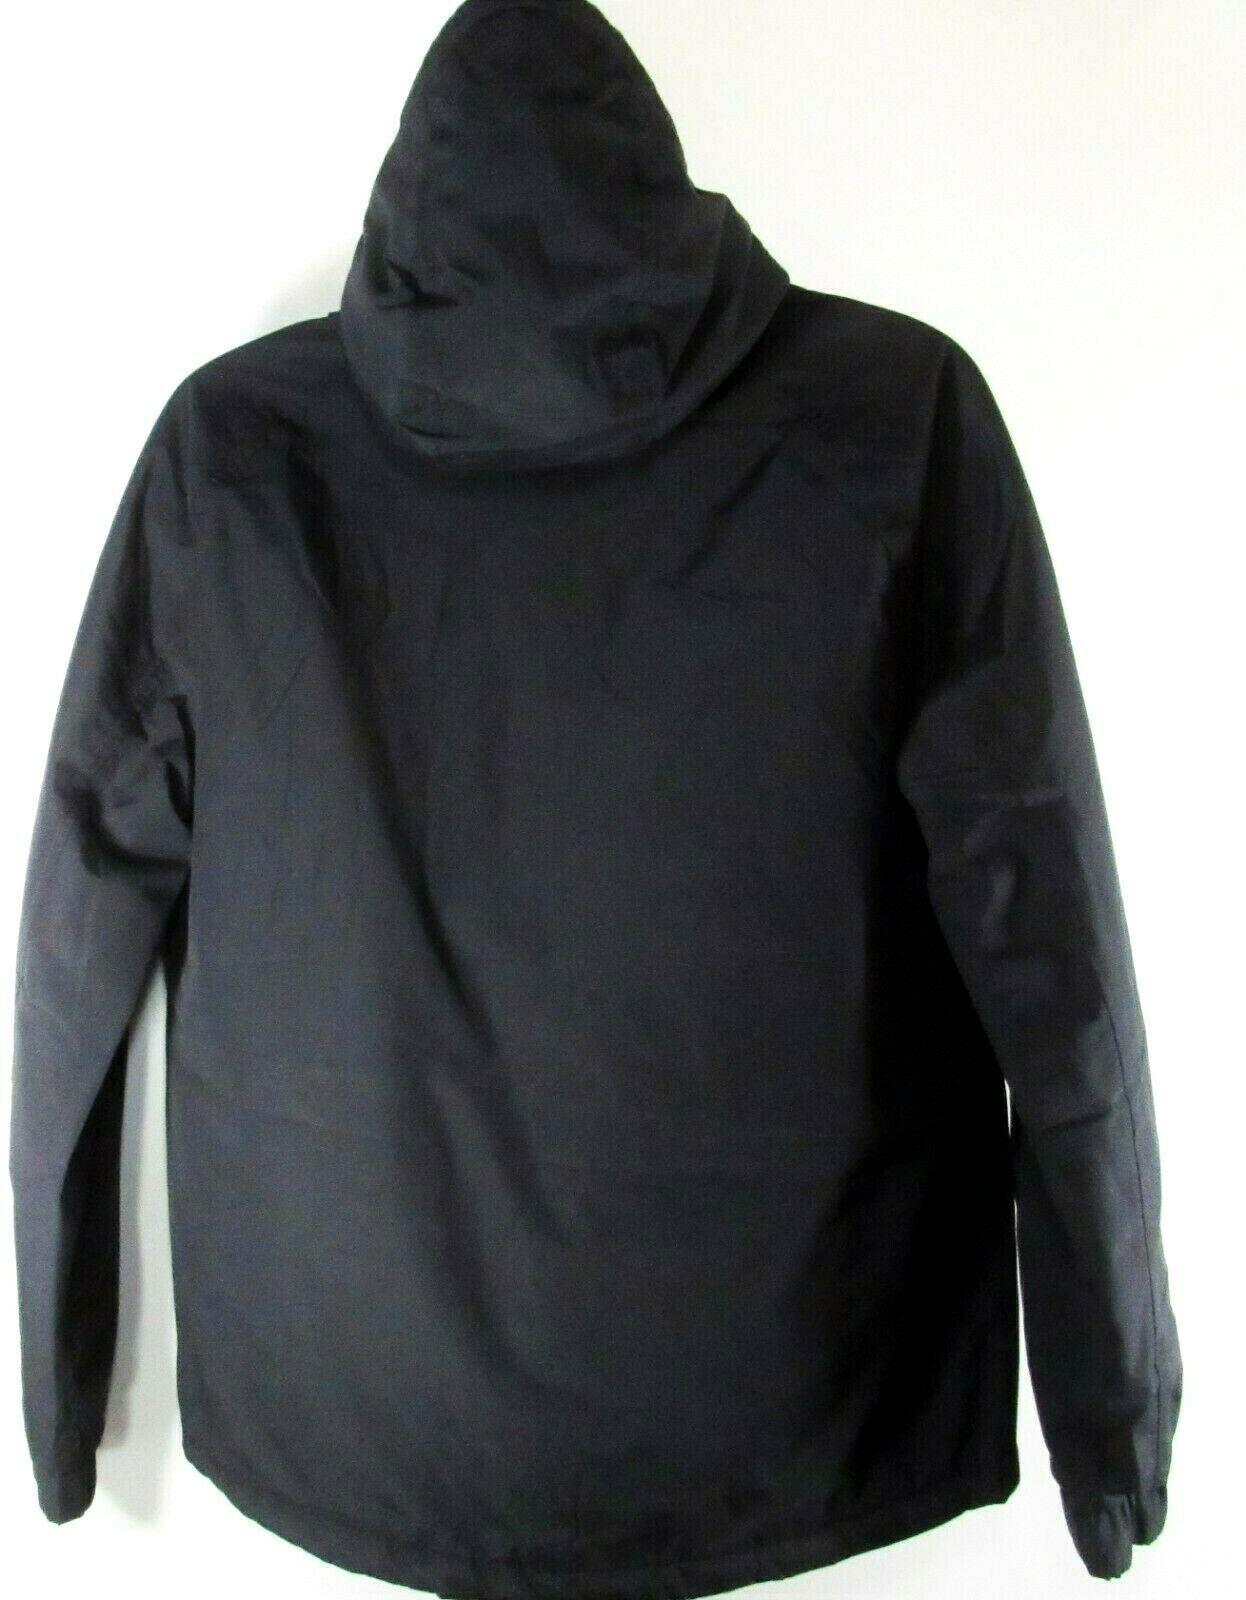 TIMBERLAND A1ML3-001 MEN'S BLACK WATERPROOF HOODED JACKET $188.